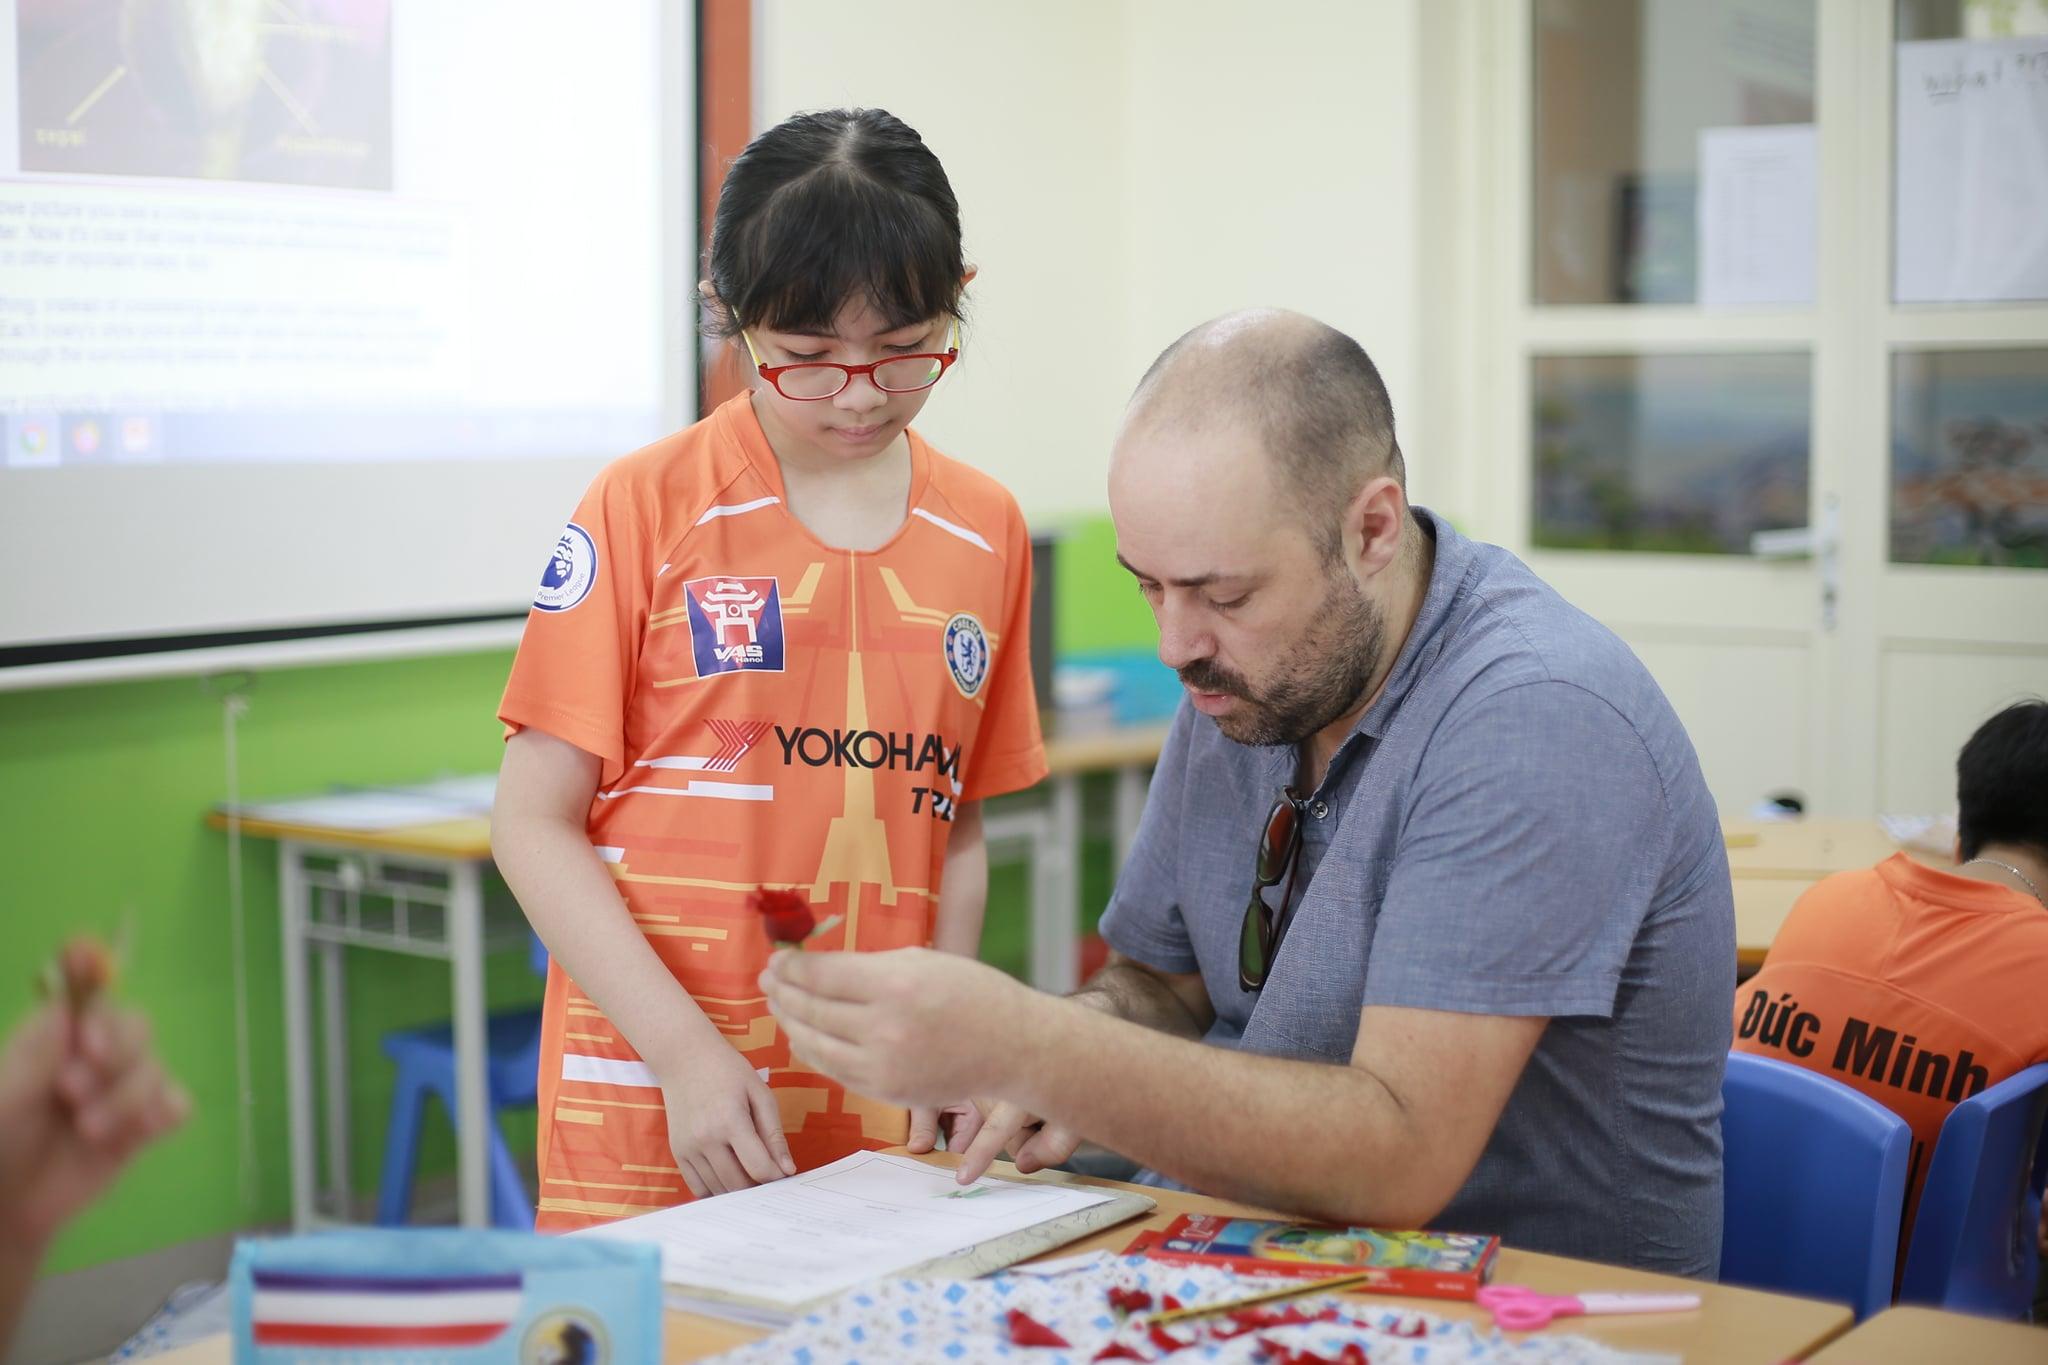 Những ngôi trường nội trú giữa lòng Hà Nội khiến nhiều phụ huynh phấn khích muốn đưa con vào học ngay lập tức - Ảnh 9.